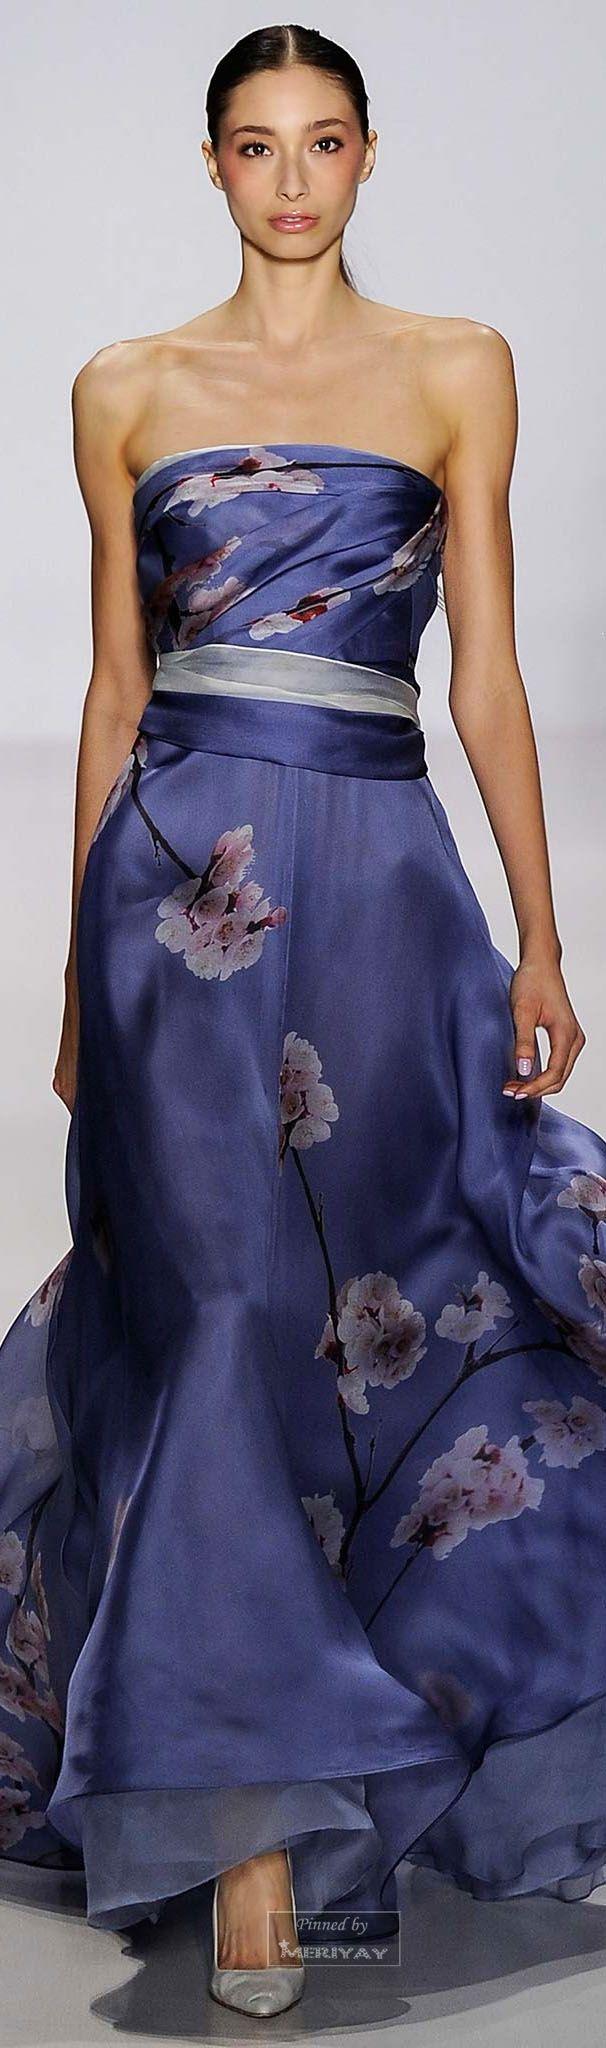 Farb-und Stilberatung mit www.farben-reich.com - Pamella Roland